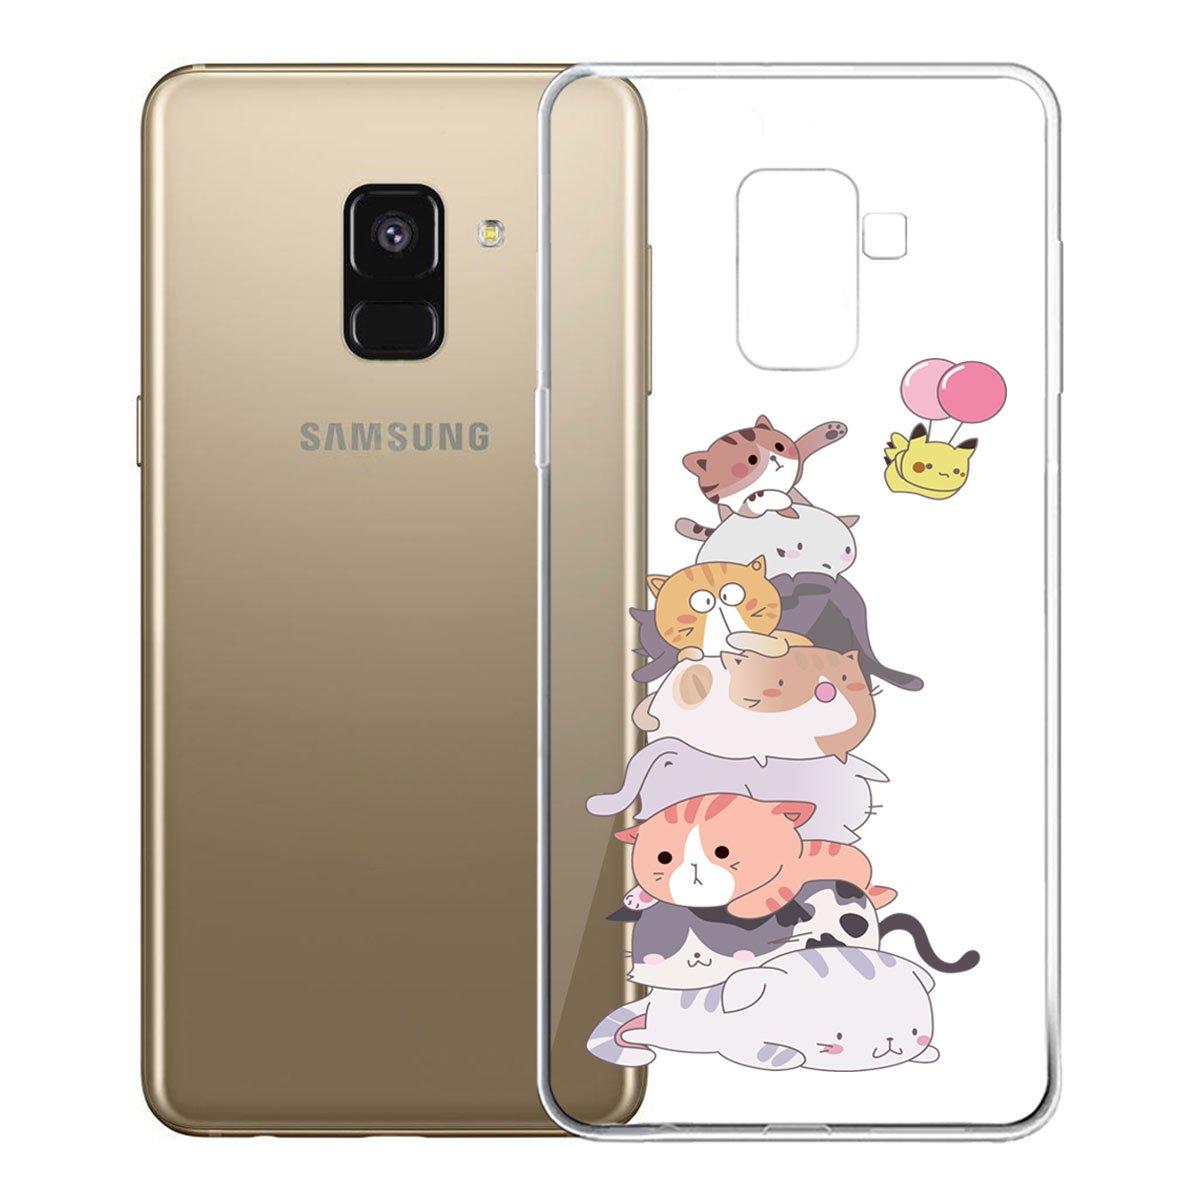 Custodia per Samsung Galaxy A8 2018 IJIA Trasparente Abbastanza Peach TPU Silicone Morbido Protettivo Coperchio Skin Custodia Bumper Protettiva Case Cover per Samsung Galaxy A8 2018 SM-A530 5.6